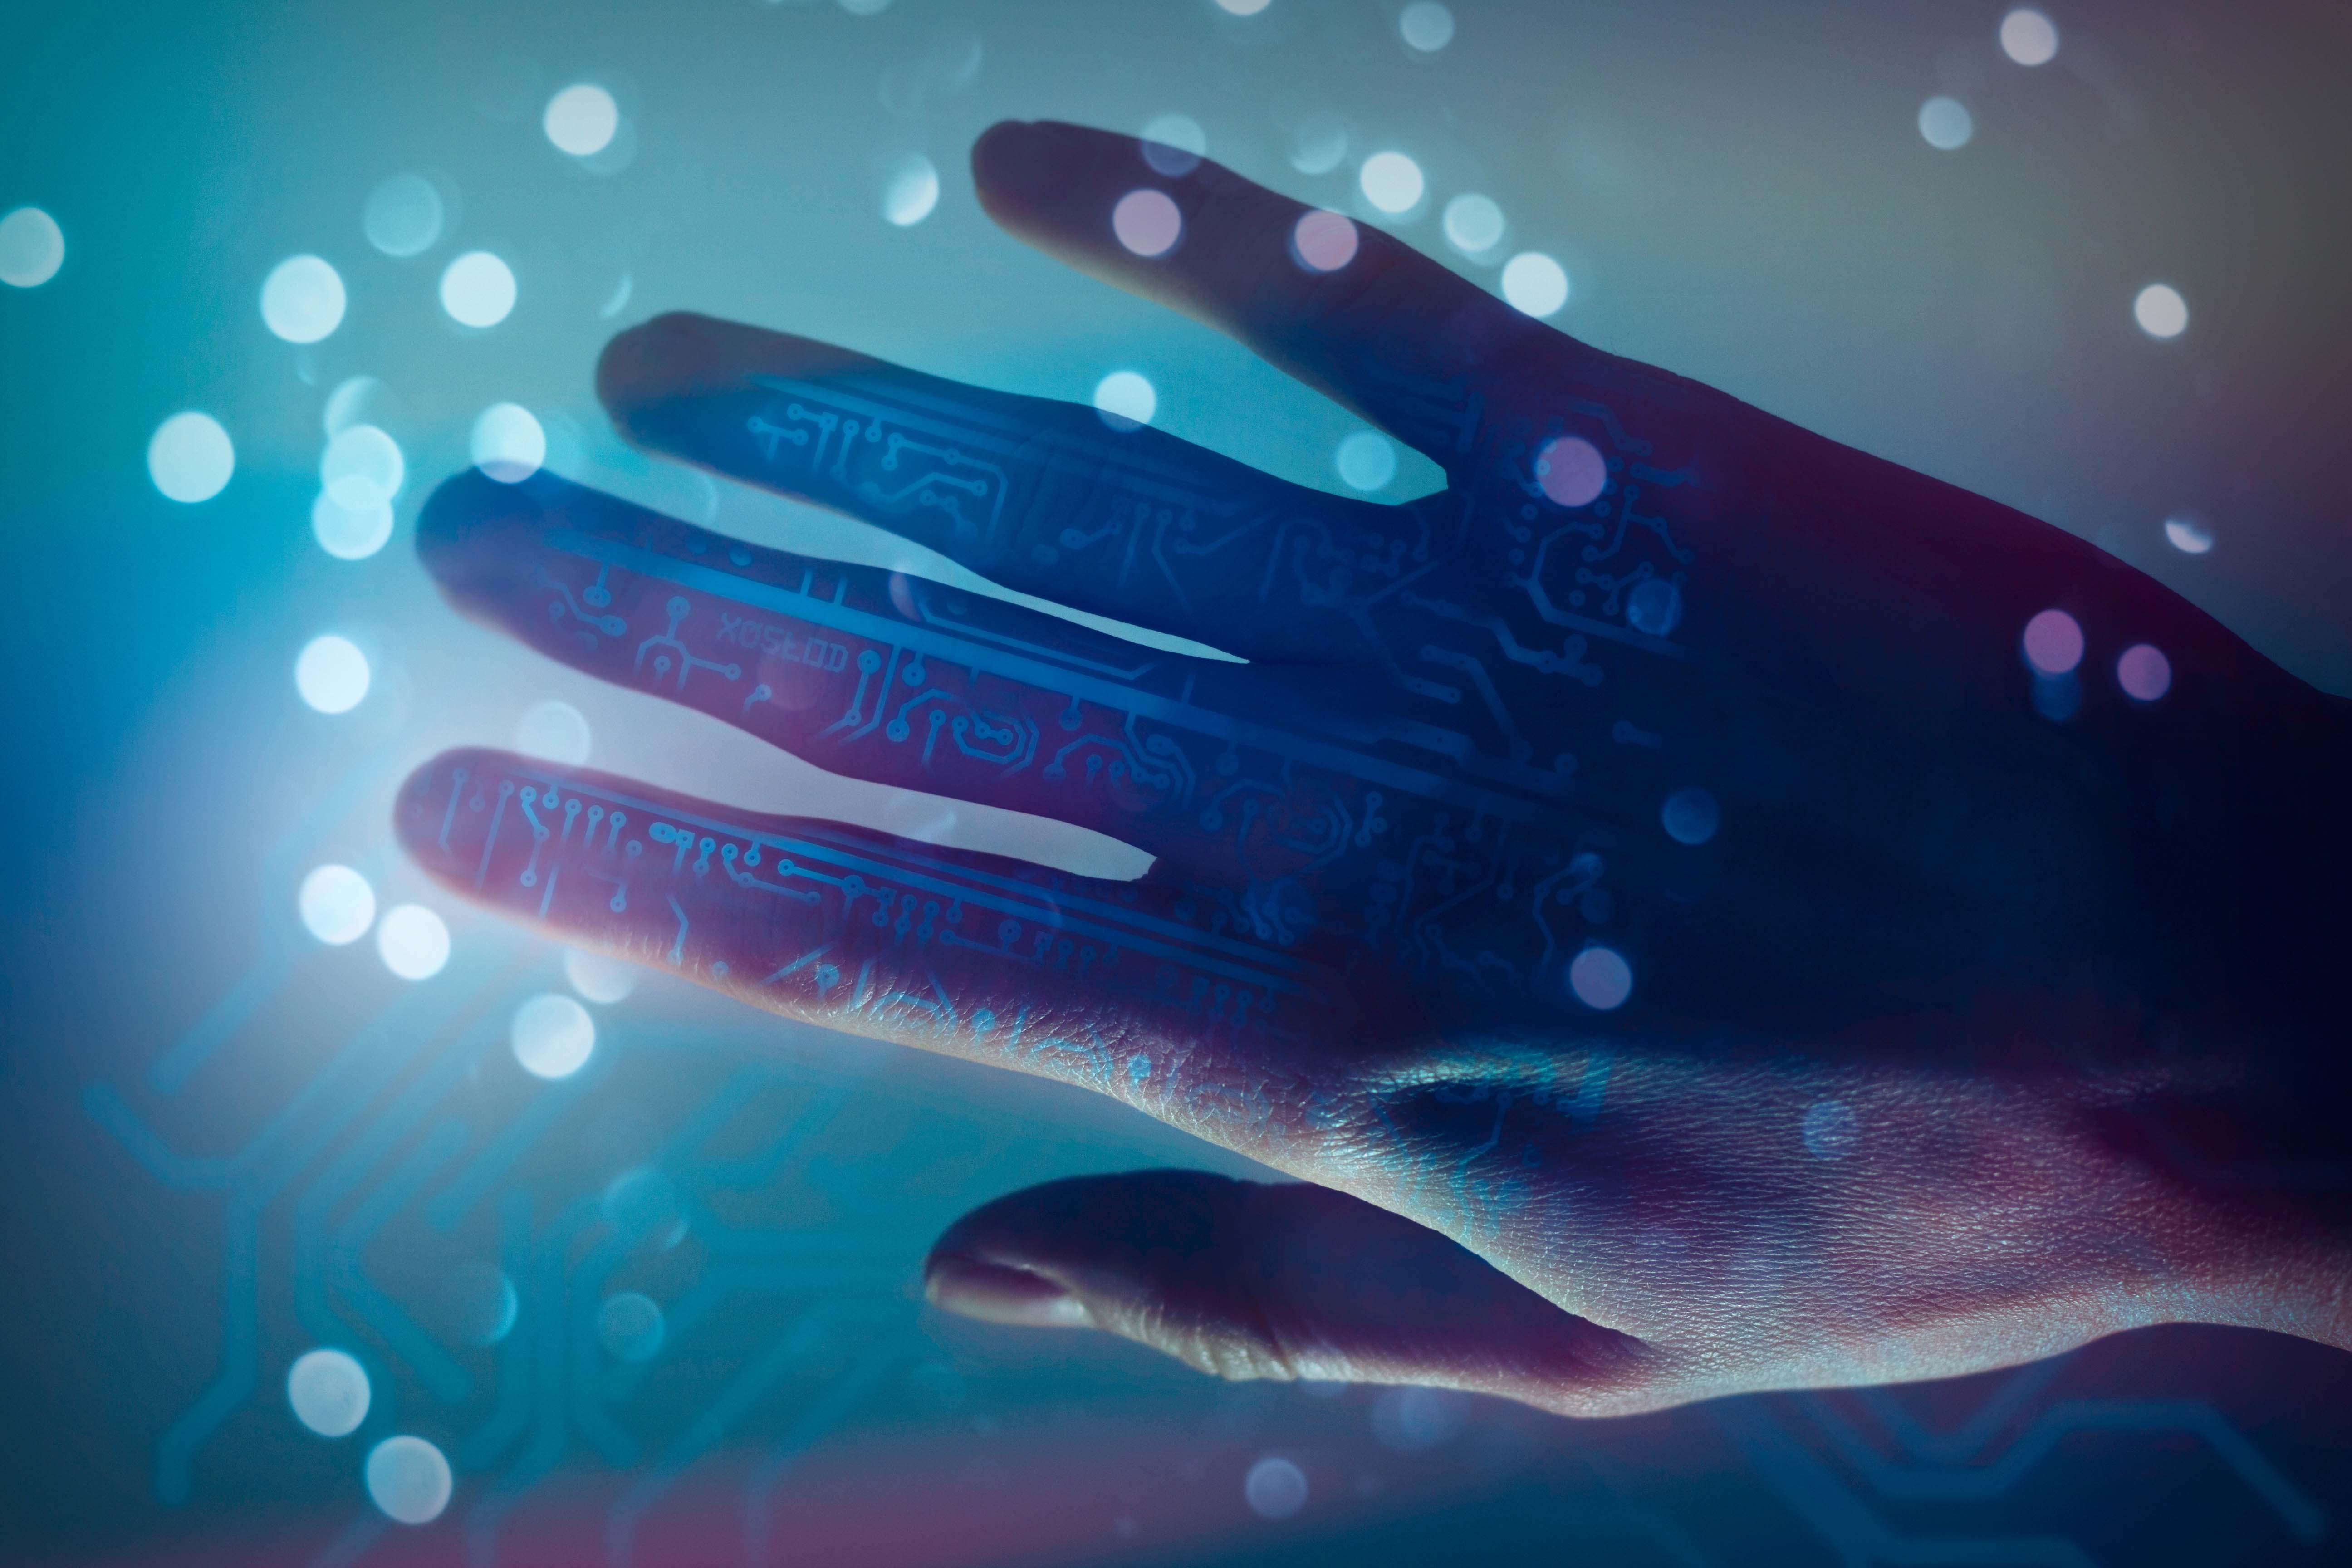 El milagro DARPA: una mano protésica conectada al cerebro que logra transmitir sensaciones